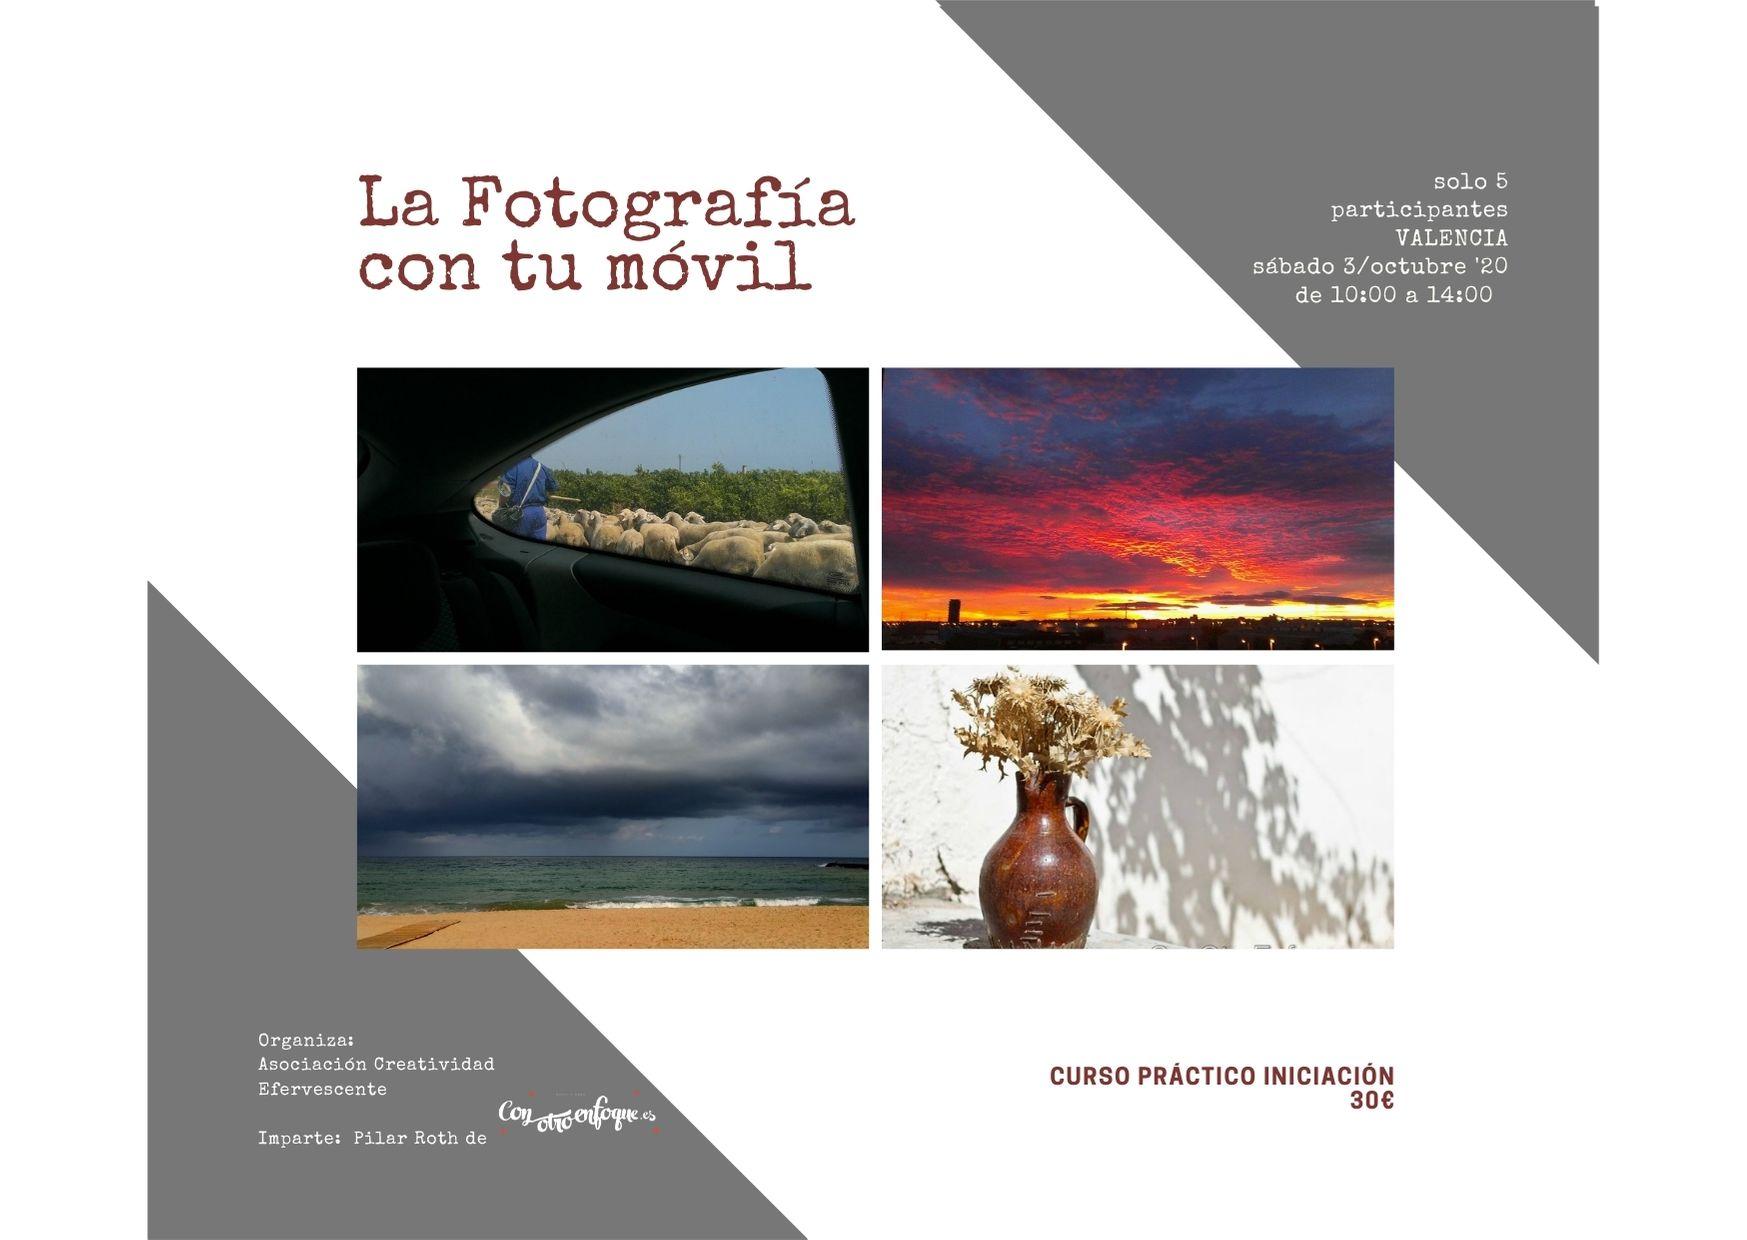 curso Fotografía con móvil en Valencia en sábado octubre